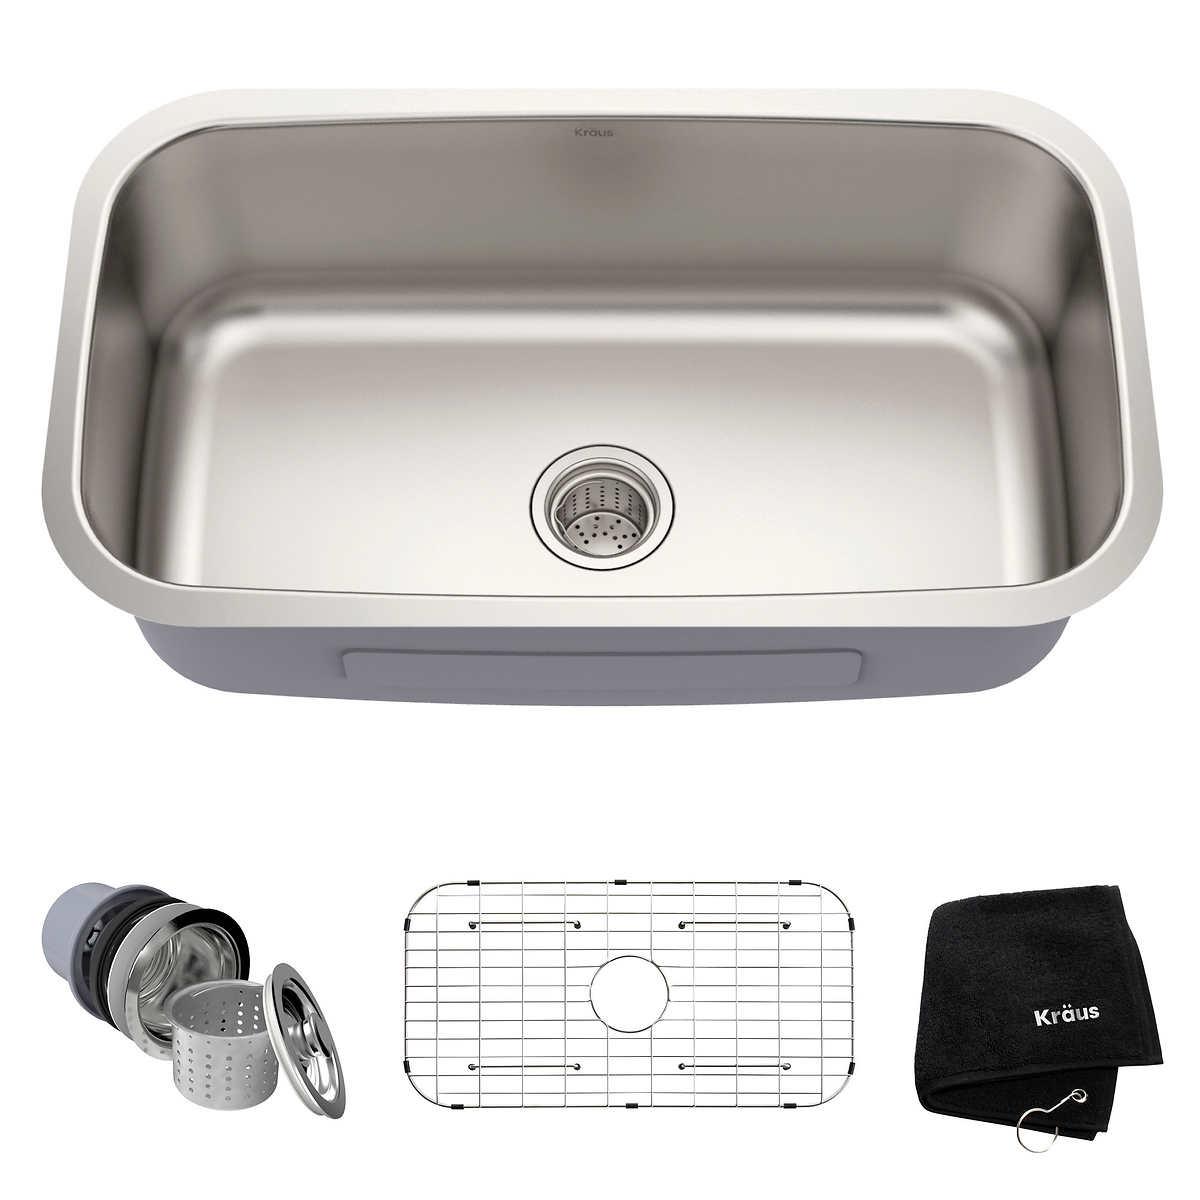 Kraus Stainless Steel Kitchen Sink